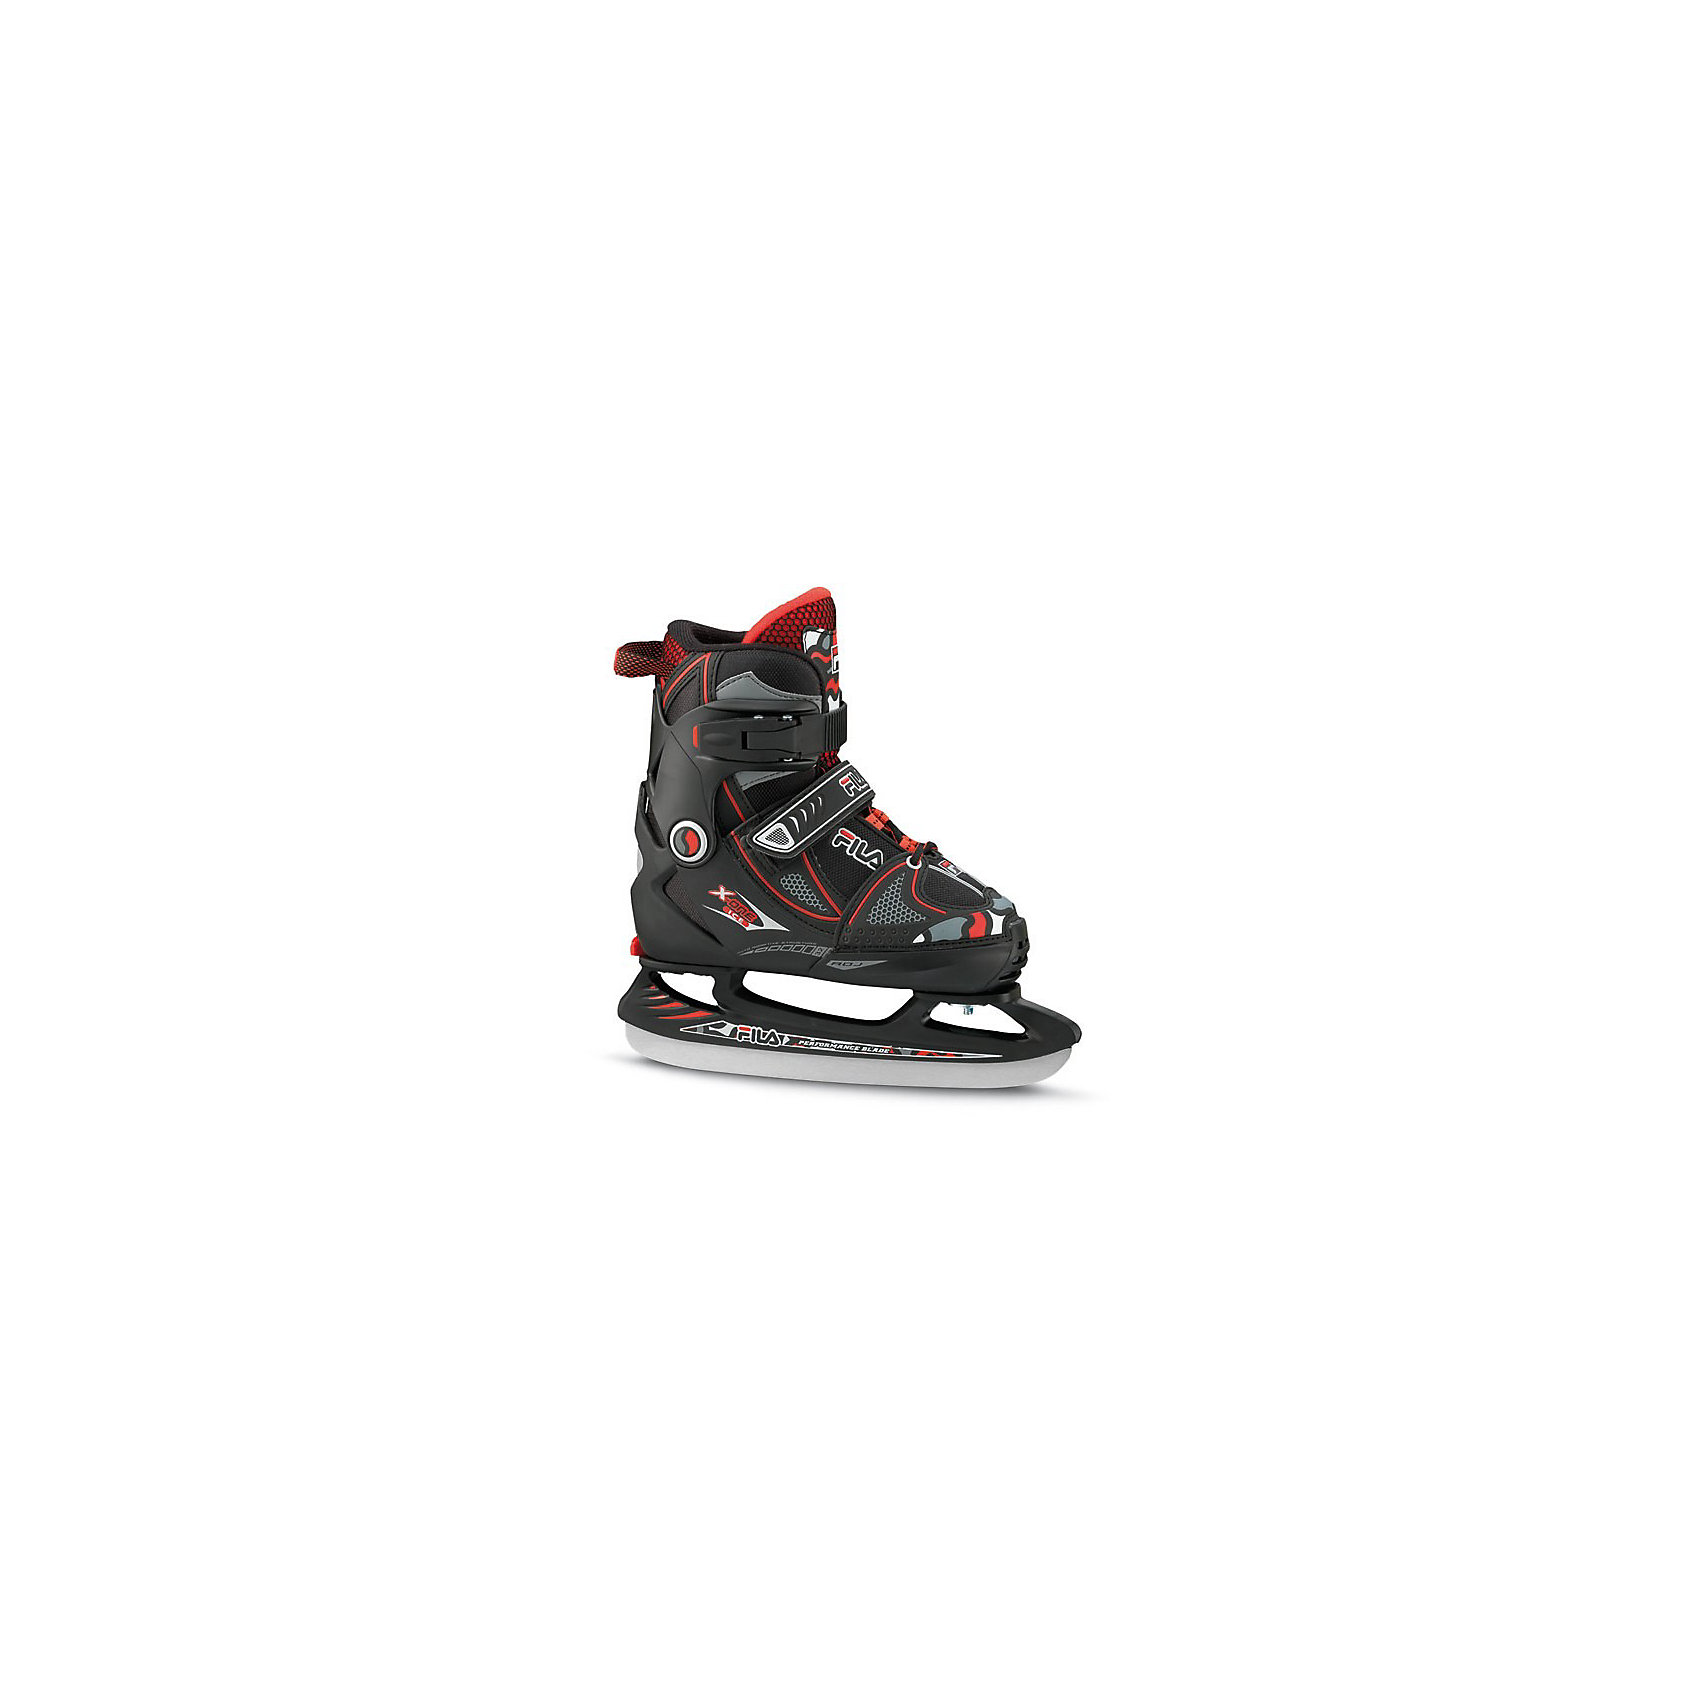 Ледовые коньки X-One Ice, чёрный/ красный, FILAКоньки<br>Ледовые коньки Primo Ice FILA (ФИЛА)  - больше, чем просто катание.<br><br>Компания Fila известна как производитель высококачественных  изделий для летних и зимних видов спорта, фитнеса и отдыха и  имеет многолетний опыт разработки и производства спортивного инвентаря.<br>Эти ледовые коньки для мальчиков имеют ботинки из полимерных материалов с текстильной подкладкой внутри, сохраняющей ноги в тепле.<br>Коньки раздвигаются на четыре полных размера при помощи запатентованного механизма.<br>Коньки застегиваются на ноге при помощи бакли, липучки и шнурков.<br><br>Дополнительная информация:<br><br>- состав 10% пвх, 35% нейлон, 45% полиэстер, 5% сталь, 5% сталь<br>- лезвие из нержавеющей стали 53-55HRC, толщина 3,55 мм.<br><br>Ледовые коньки X-One Ice G, чёрный/ розовый, FILA можно купить в нашем магазине.<br><br>Ширина мм: 448<br>Глубина мм: 330<br>Высота мм: 137<br>Вес г: 2398<br>Цвет: черный<br>Возраст от месяцев: 96<br>Возраст до месяцев: 1200<br>Пол: Мужской<br>Возраст: Детский<br>Размер: 38-41,35-38,32-35<br>SKU: 3604488